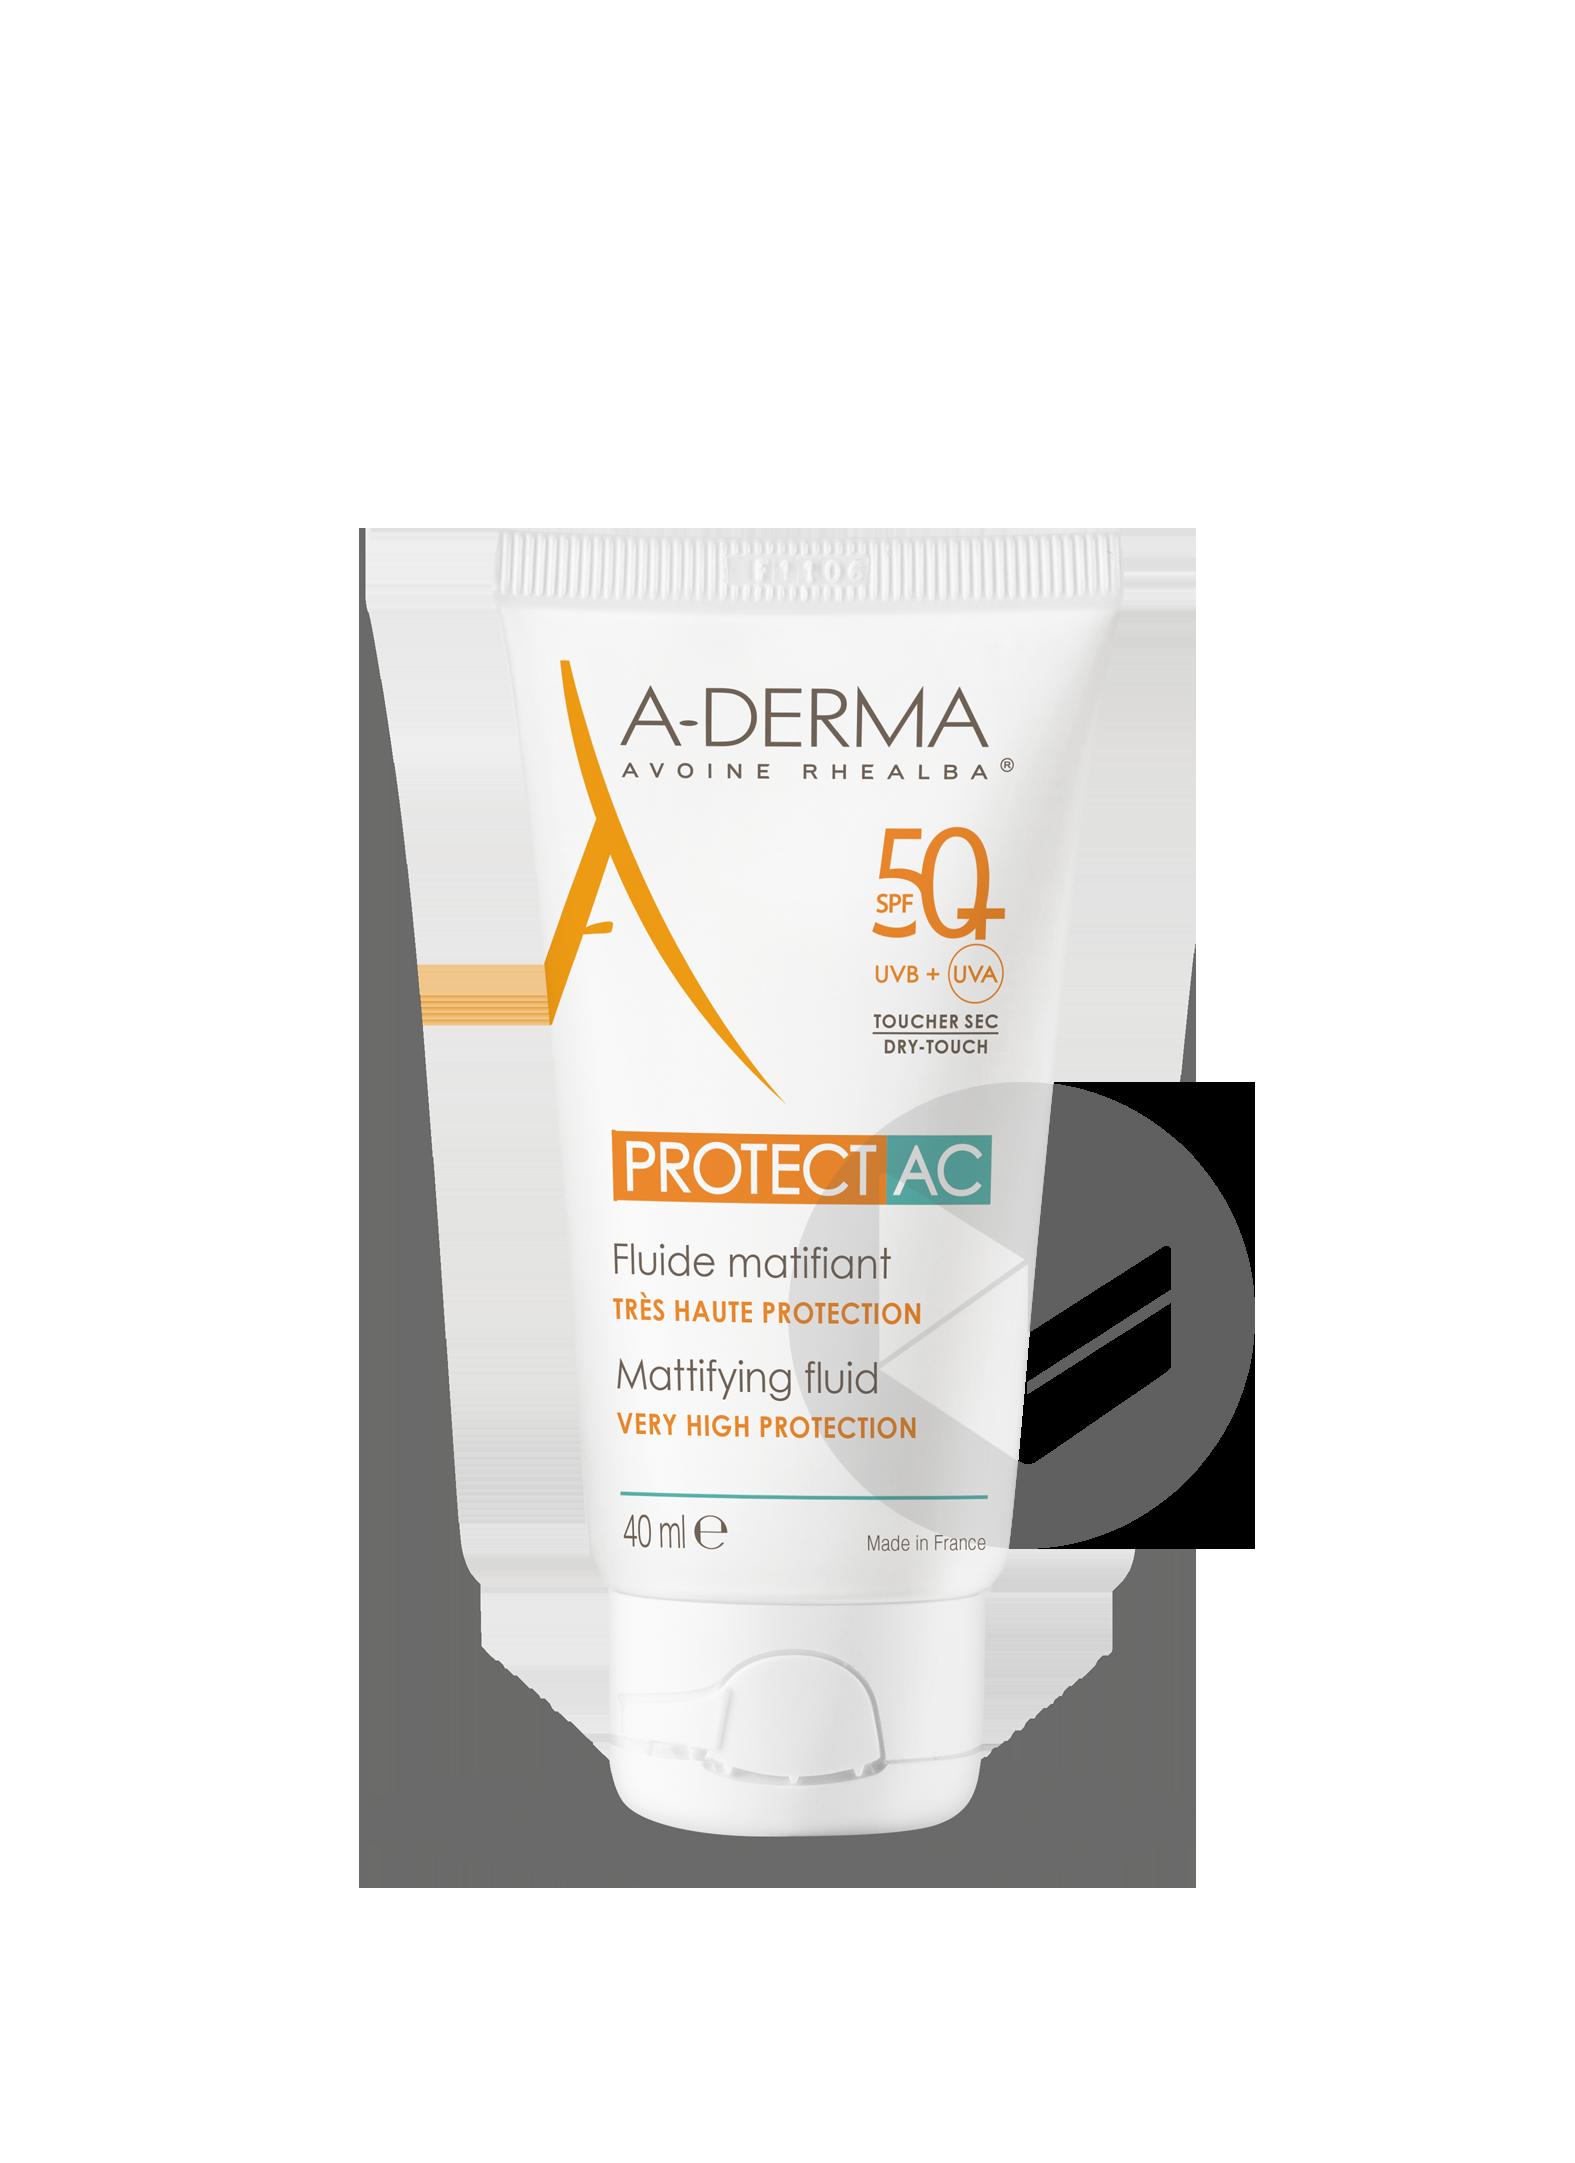 A Derma Protect Ac Fluide Matifiant Spf 50 Peaux Fragiles Au Soleil Visage 40 Ml